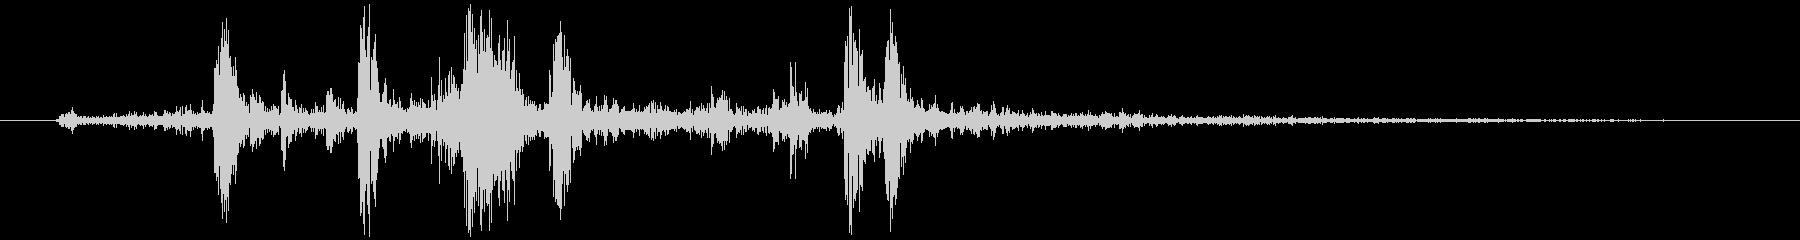 カメラ シャッター音(ノイジー)カシッの未再生の波形